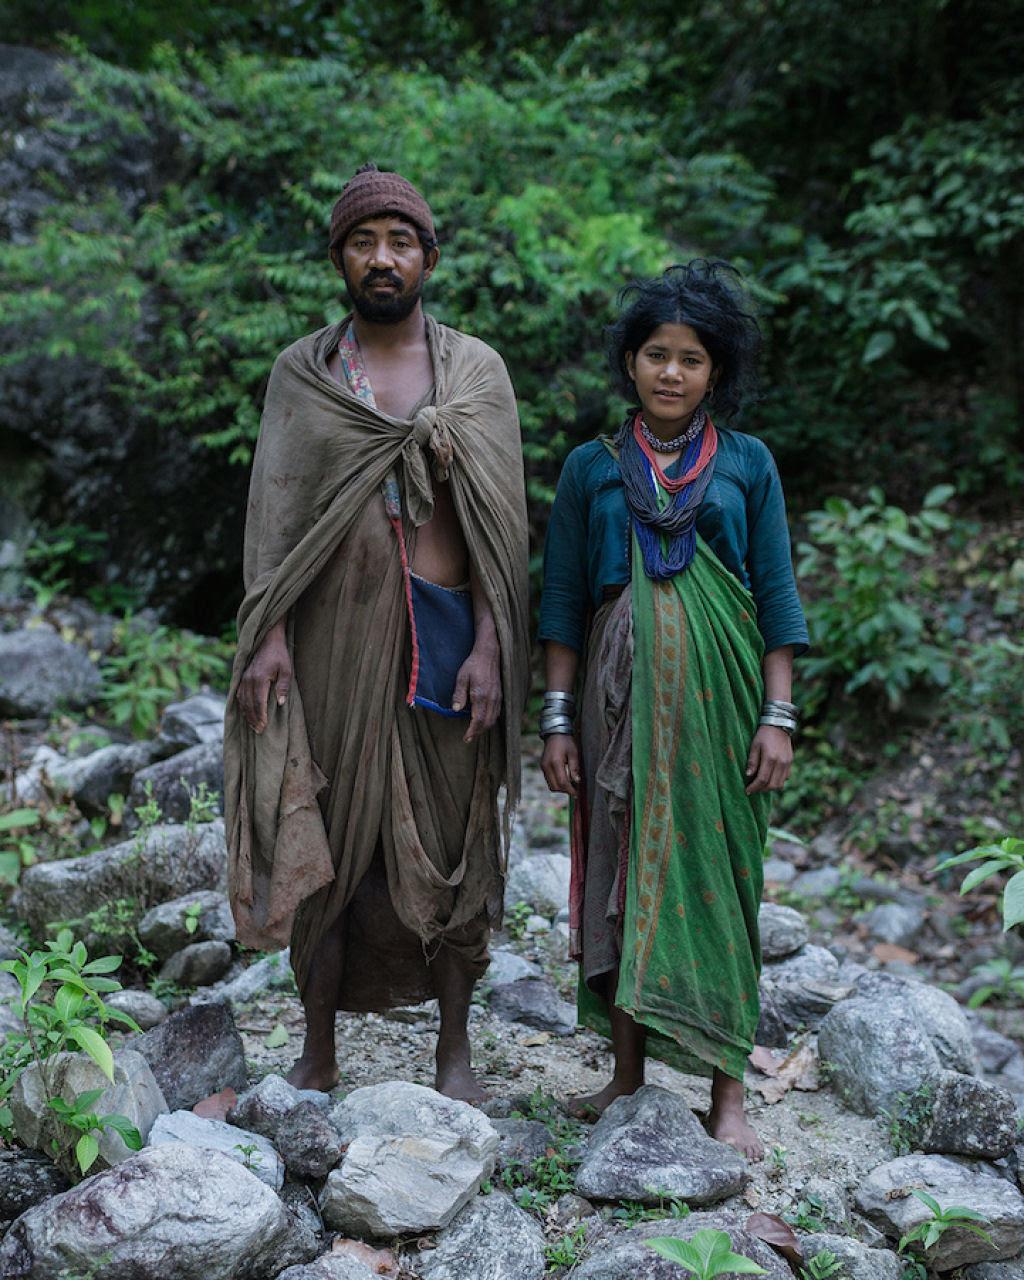 Fotógrafo documenta os últimos caçadores-coletores de tribo do Himalaia 14